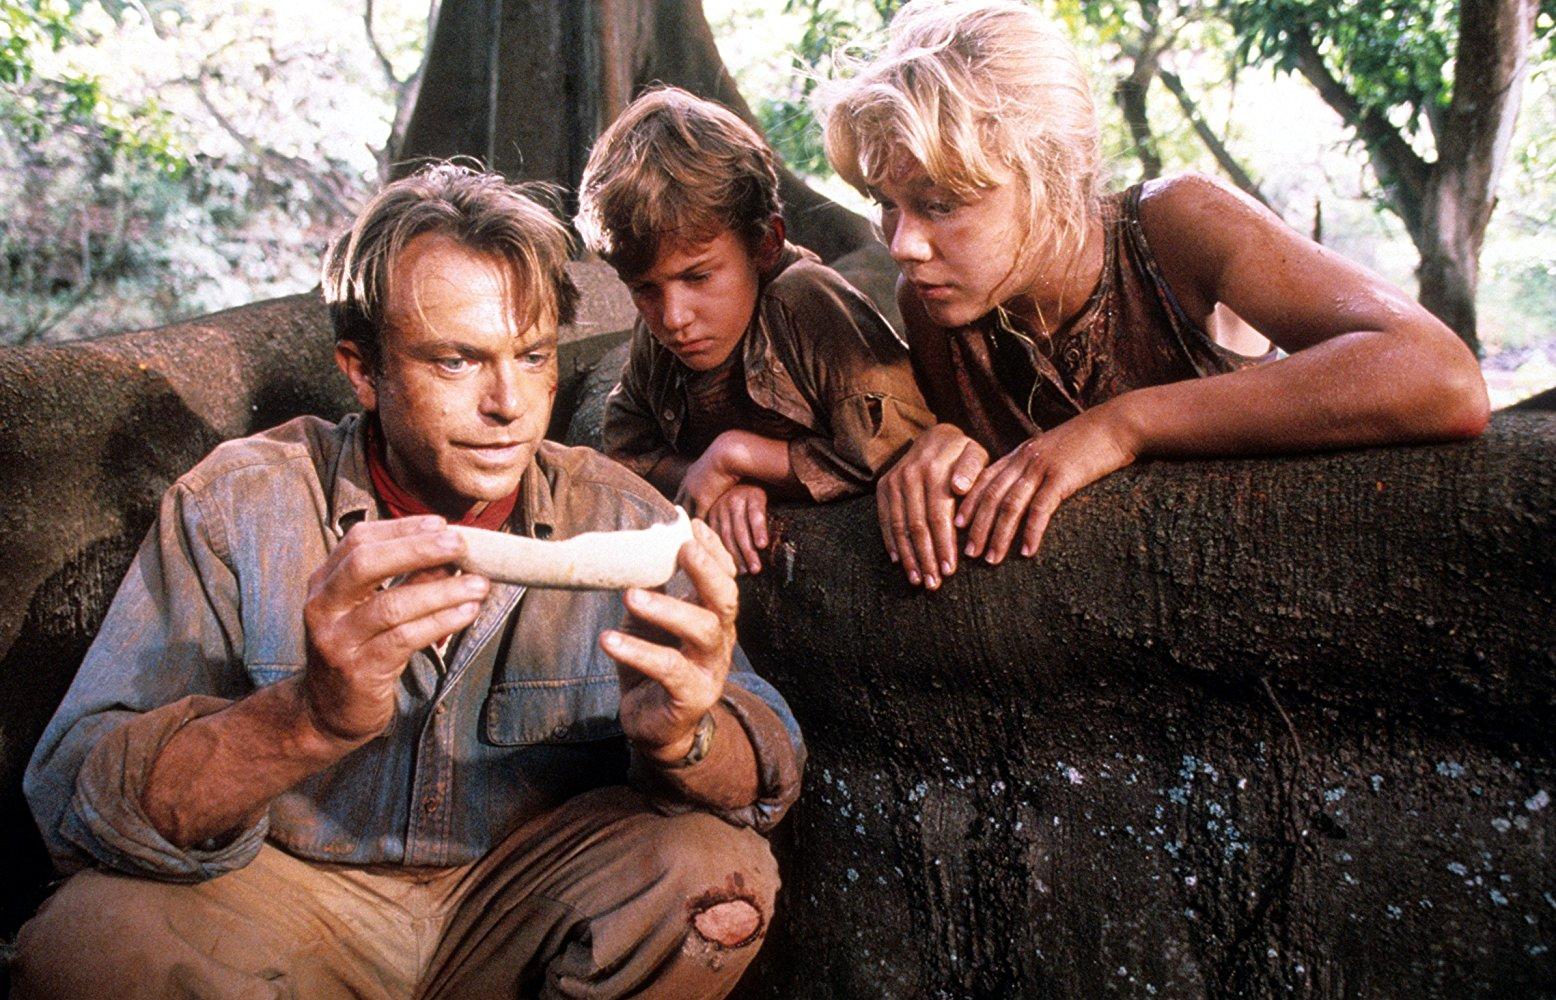 Sam Neill, Joseph Mazzello, and Ariana Richards look at a dinosaur bone in JURASSIC PARK (1993)